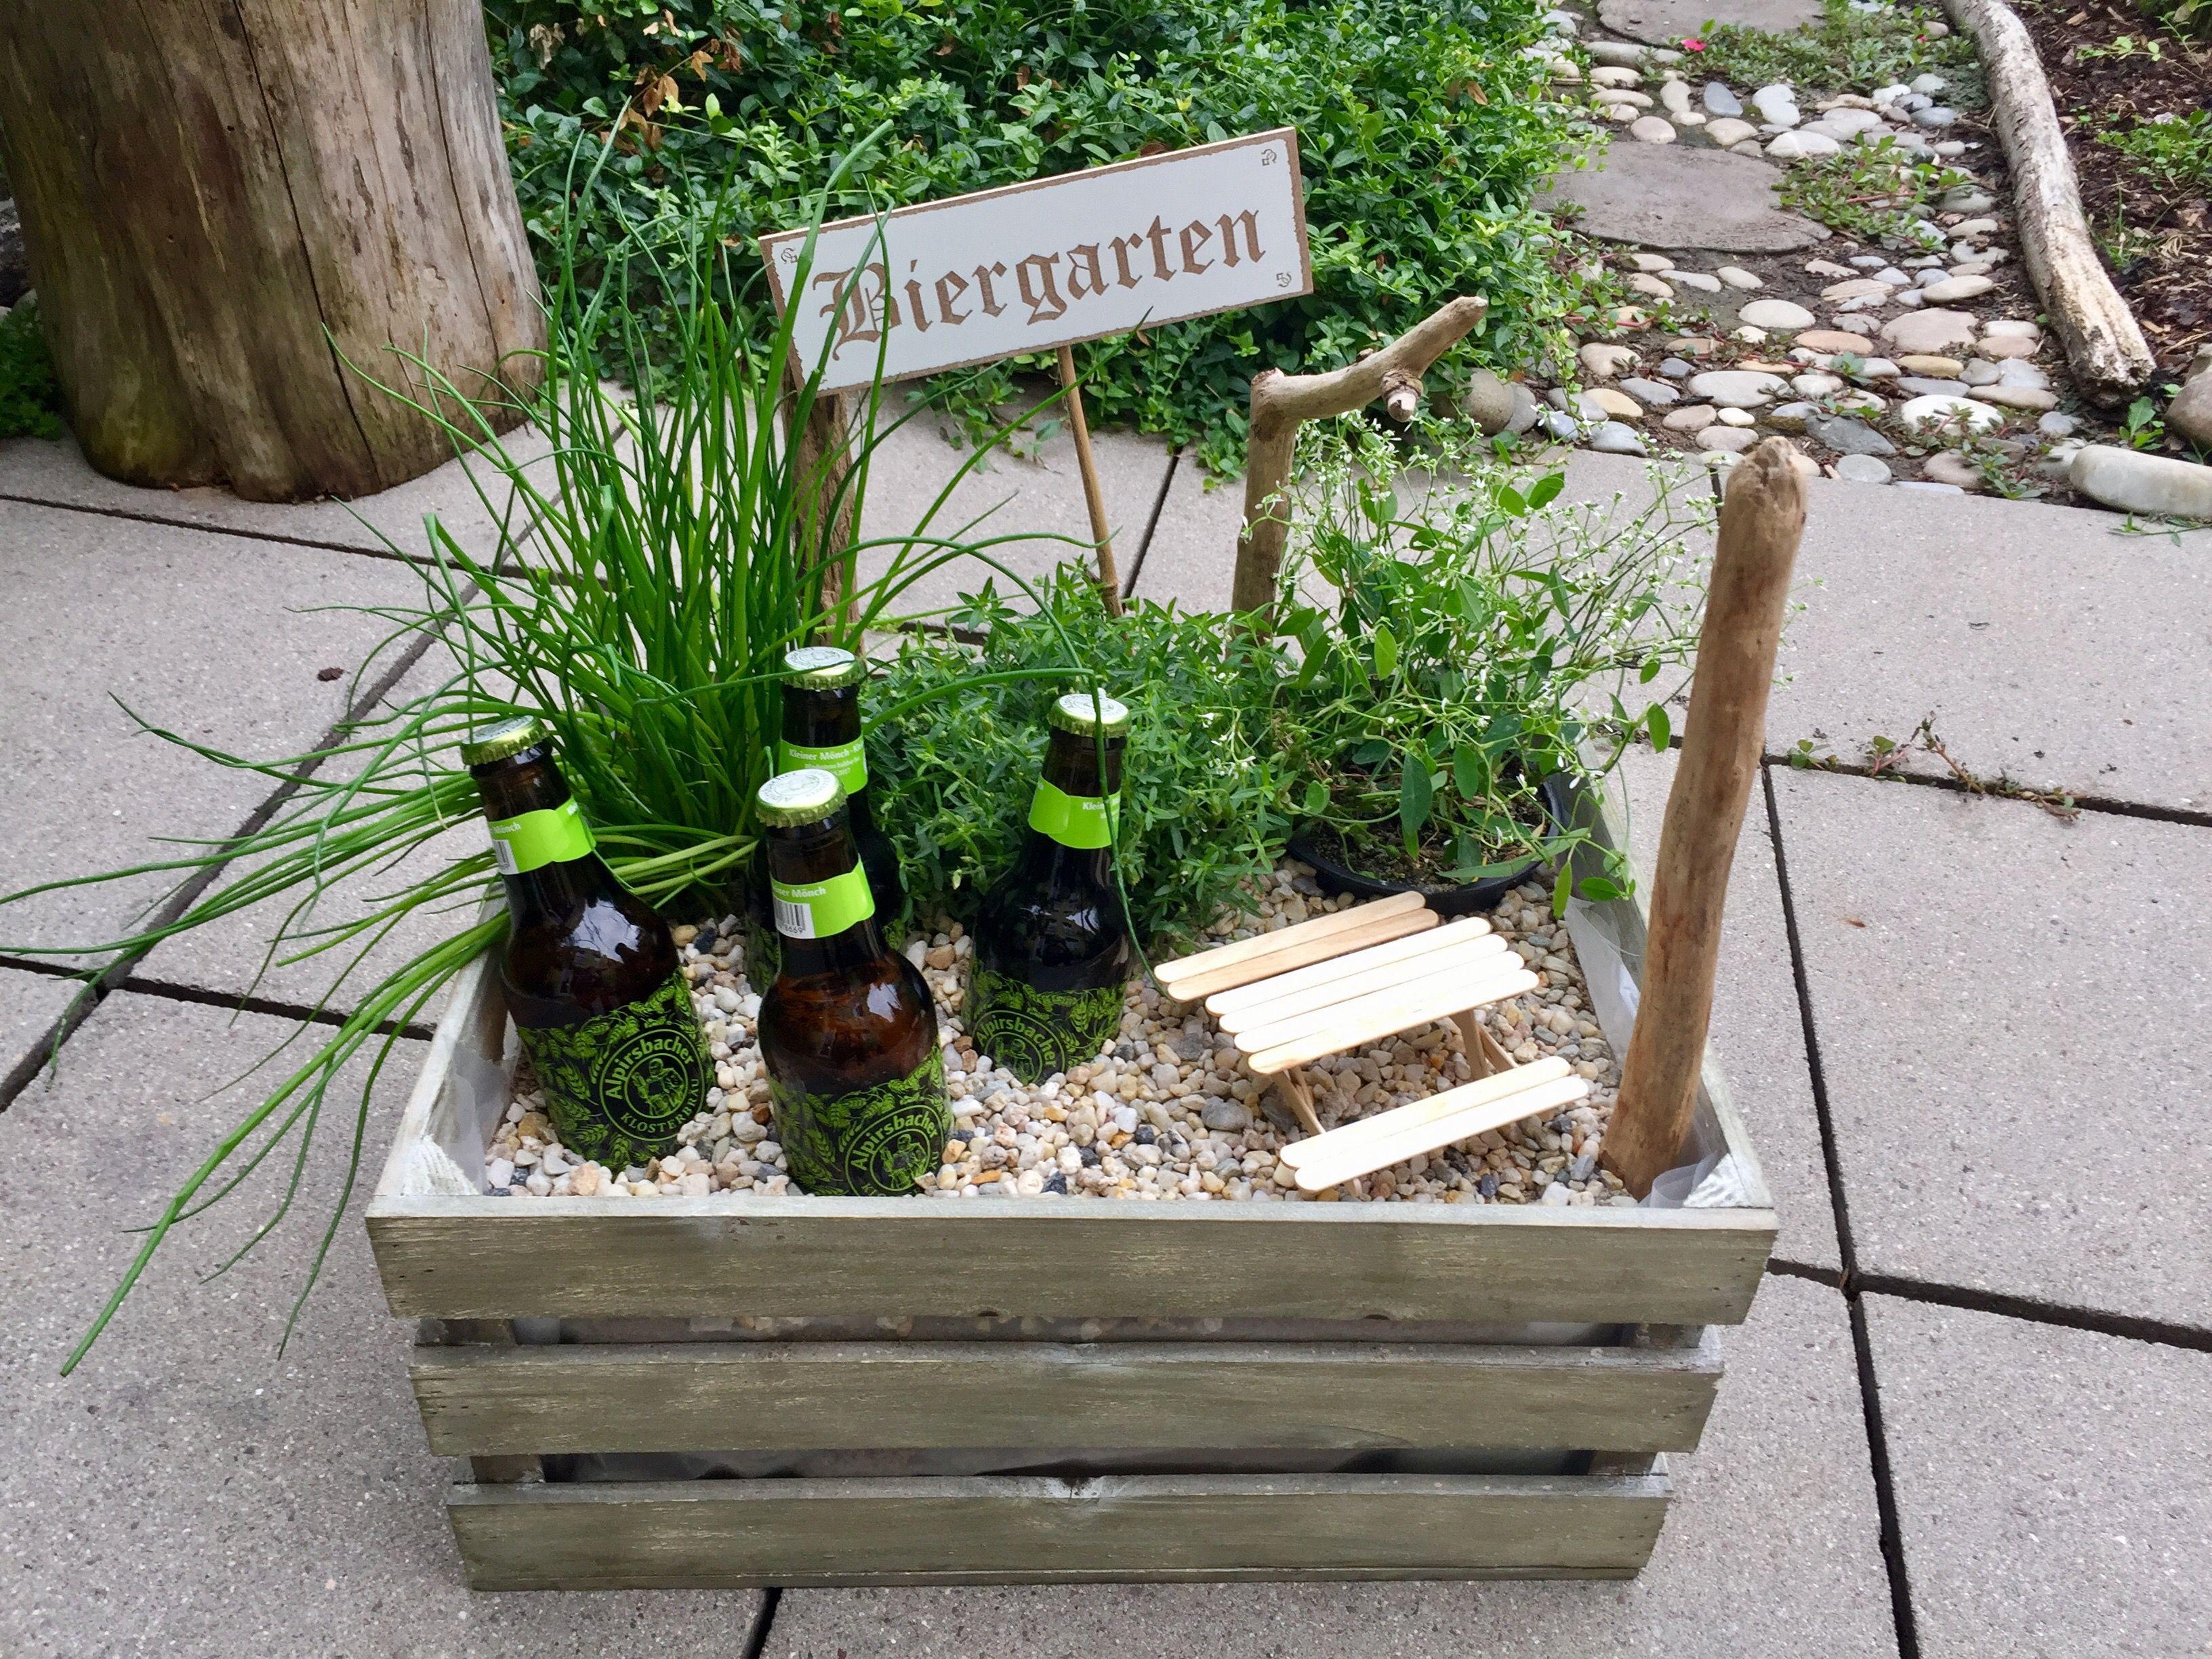 Geschenke Für Männer Zum Geburtstag Selber Machen  Biergarten Geschenk Ein tolles Geschenk und einfach zu